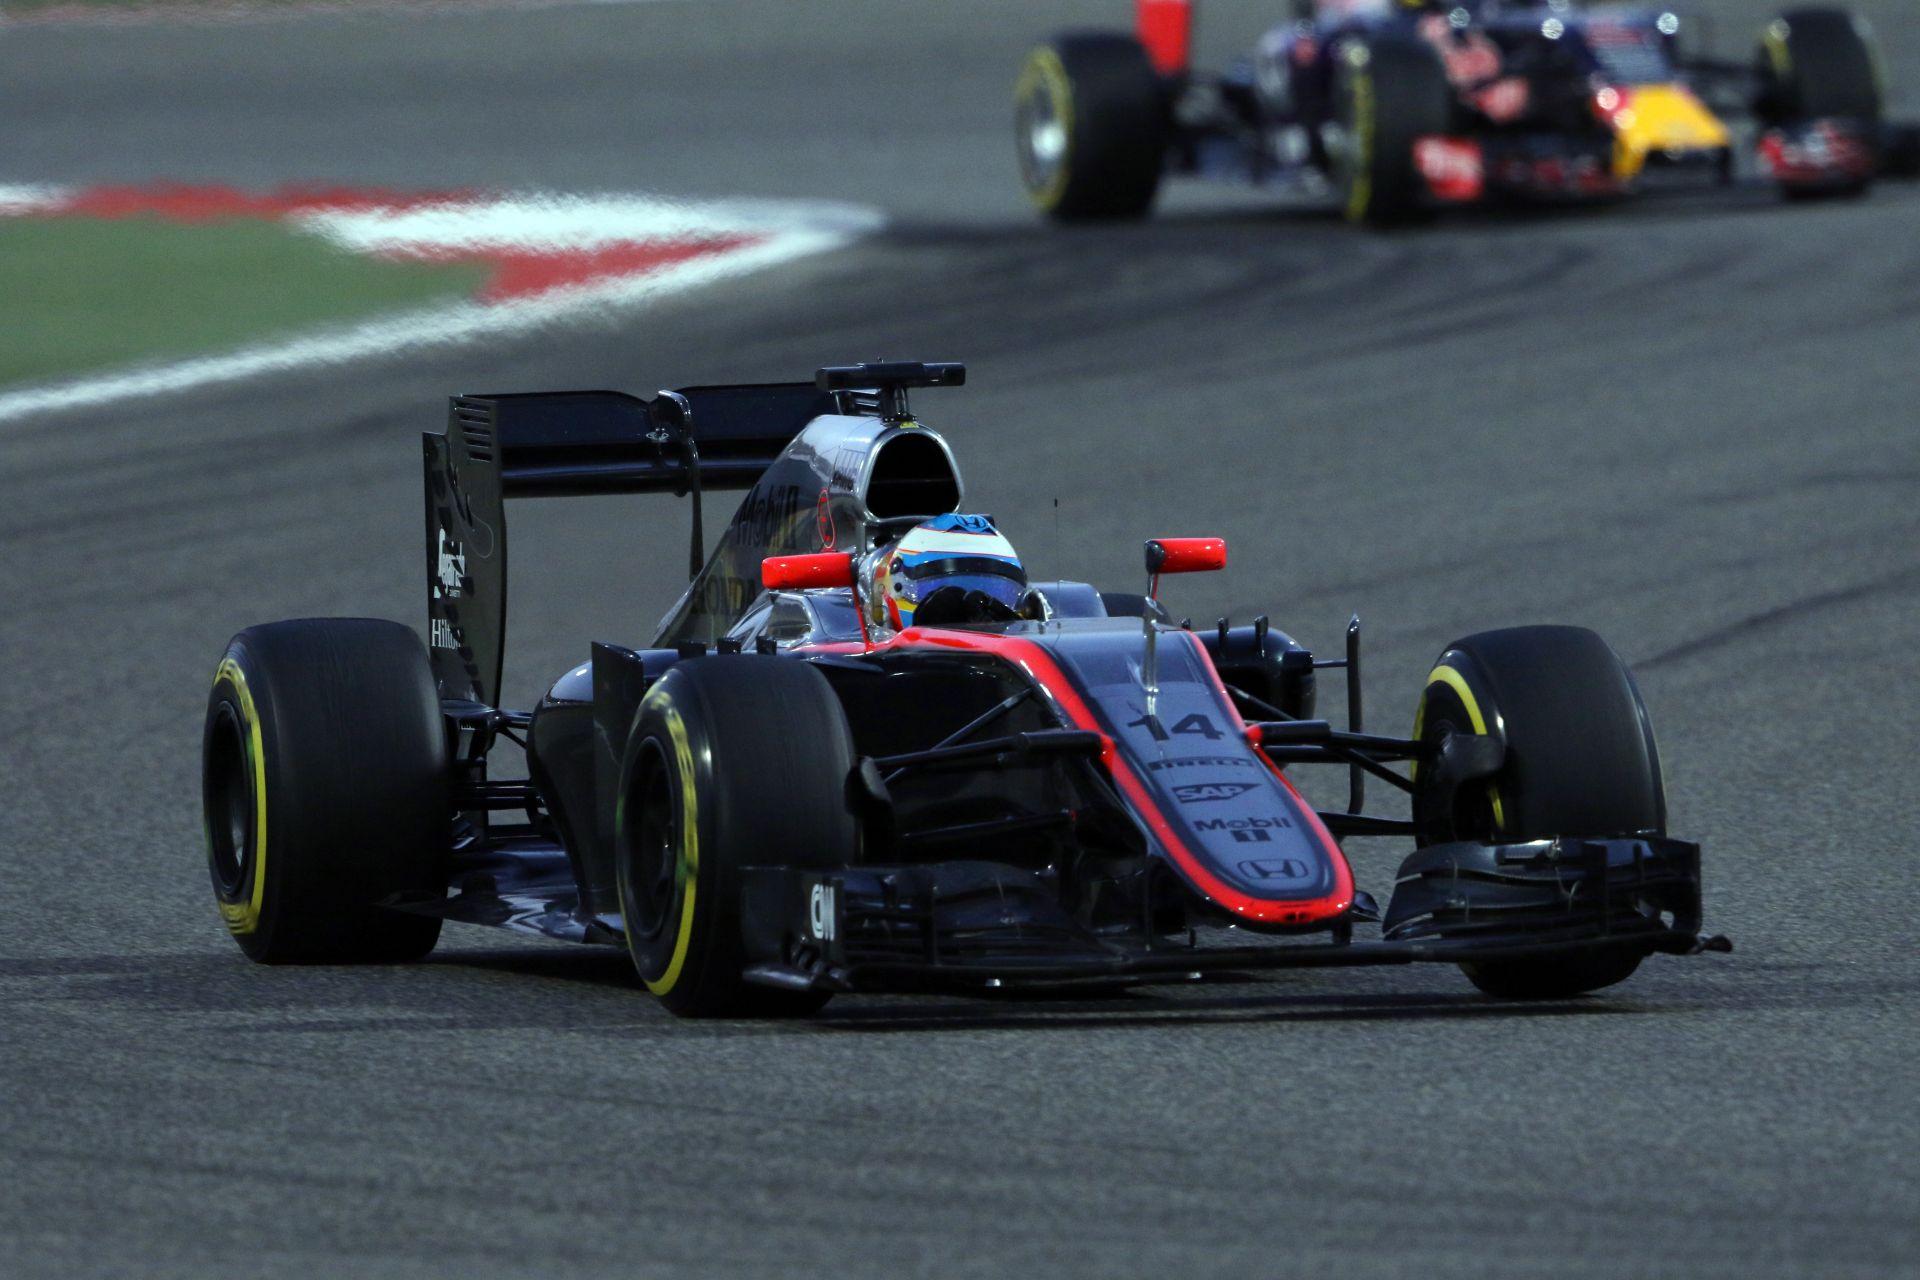 Alonso elismeri, hogy furcsa érzés volt elmenni a Ferrari mellett